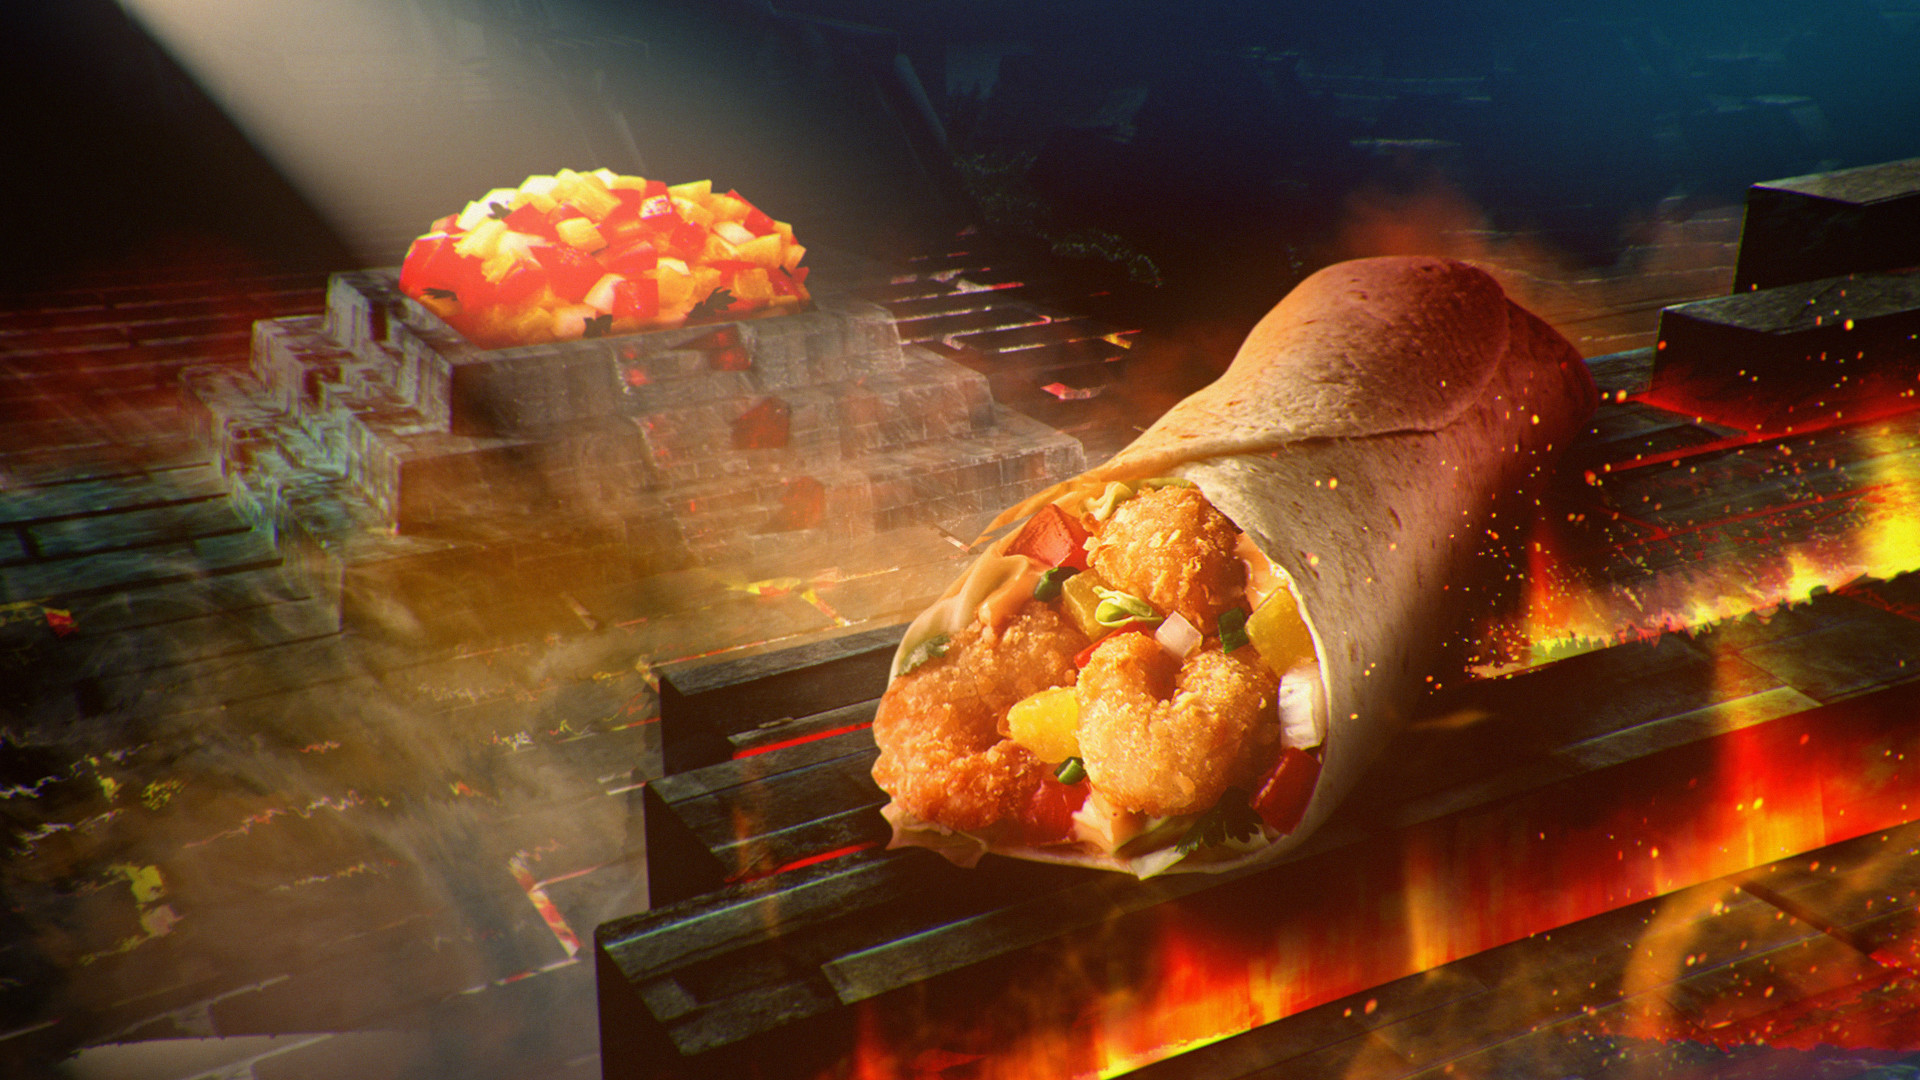 daniel-margiotta-2-ghost-pepper-shrimp-burrito-heroframe-concept-av01.jpg